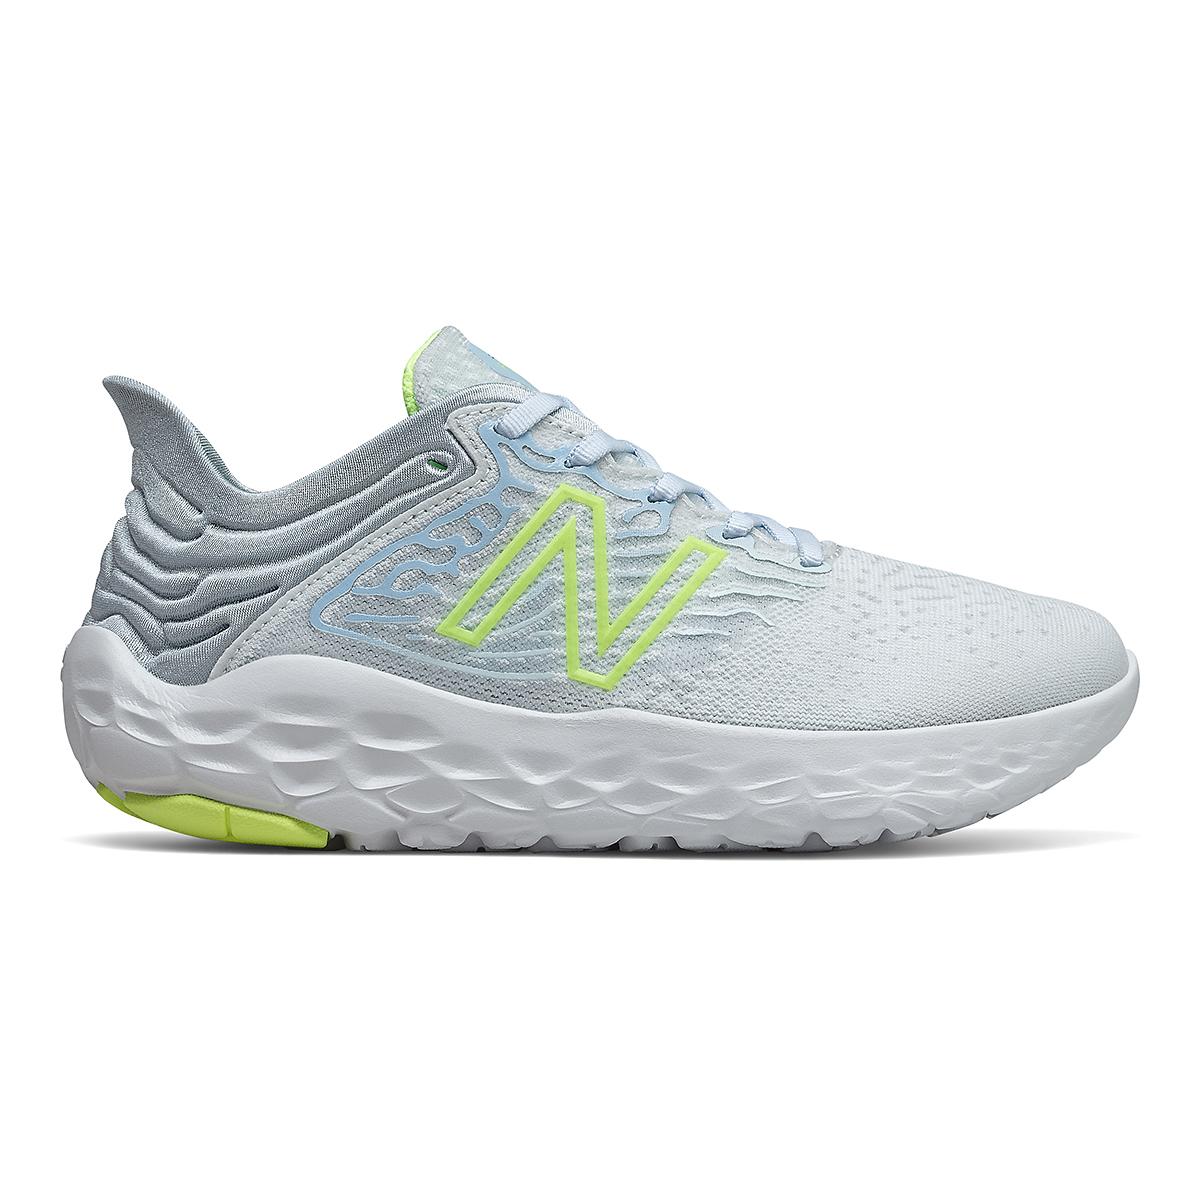 Women's New Balance Beacon V3 Running Shoe - Color: Star Glo/Bleacher Lime Glo - Size: 7 - Width: Regular, Star Glo/Bleacher Lime Glo, large, image 1